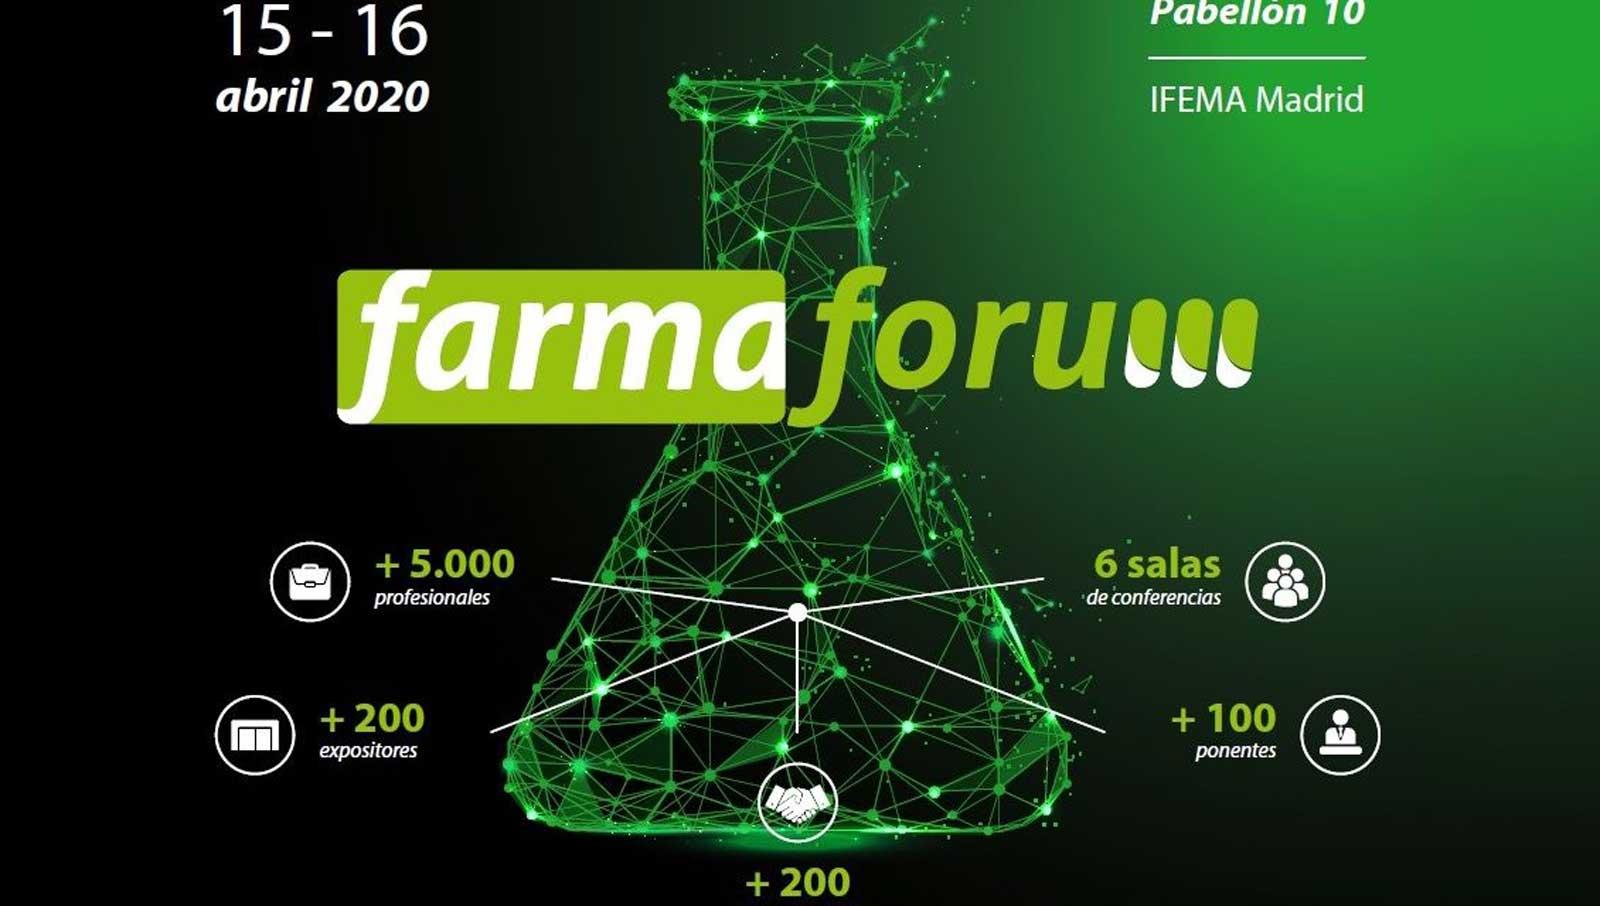 Montajes Delsaz participates in Farmaforum 2020